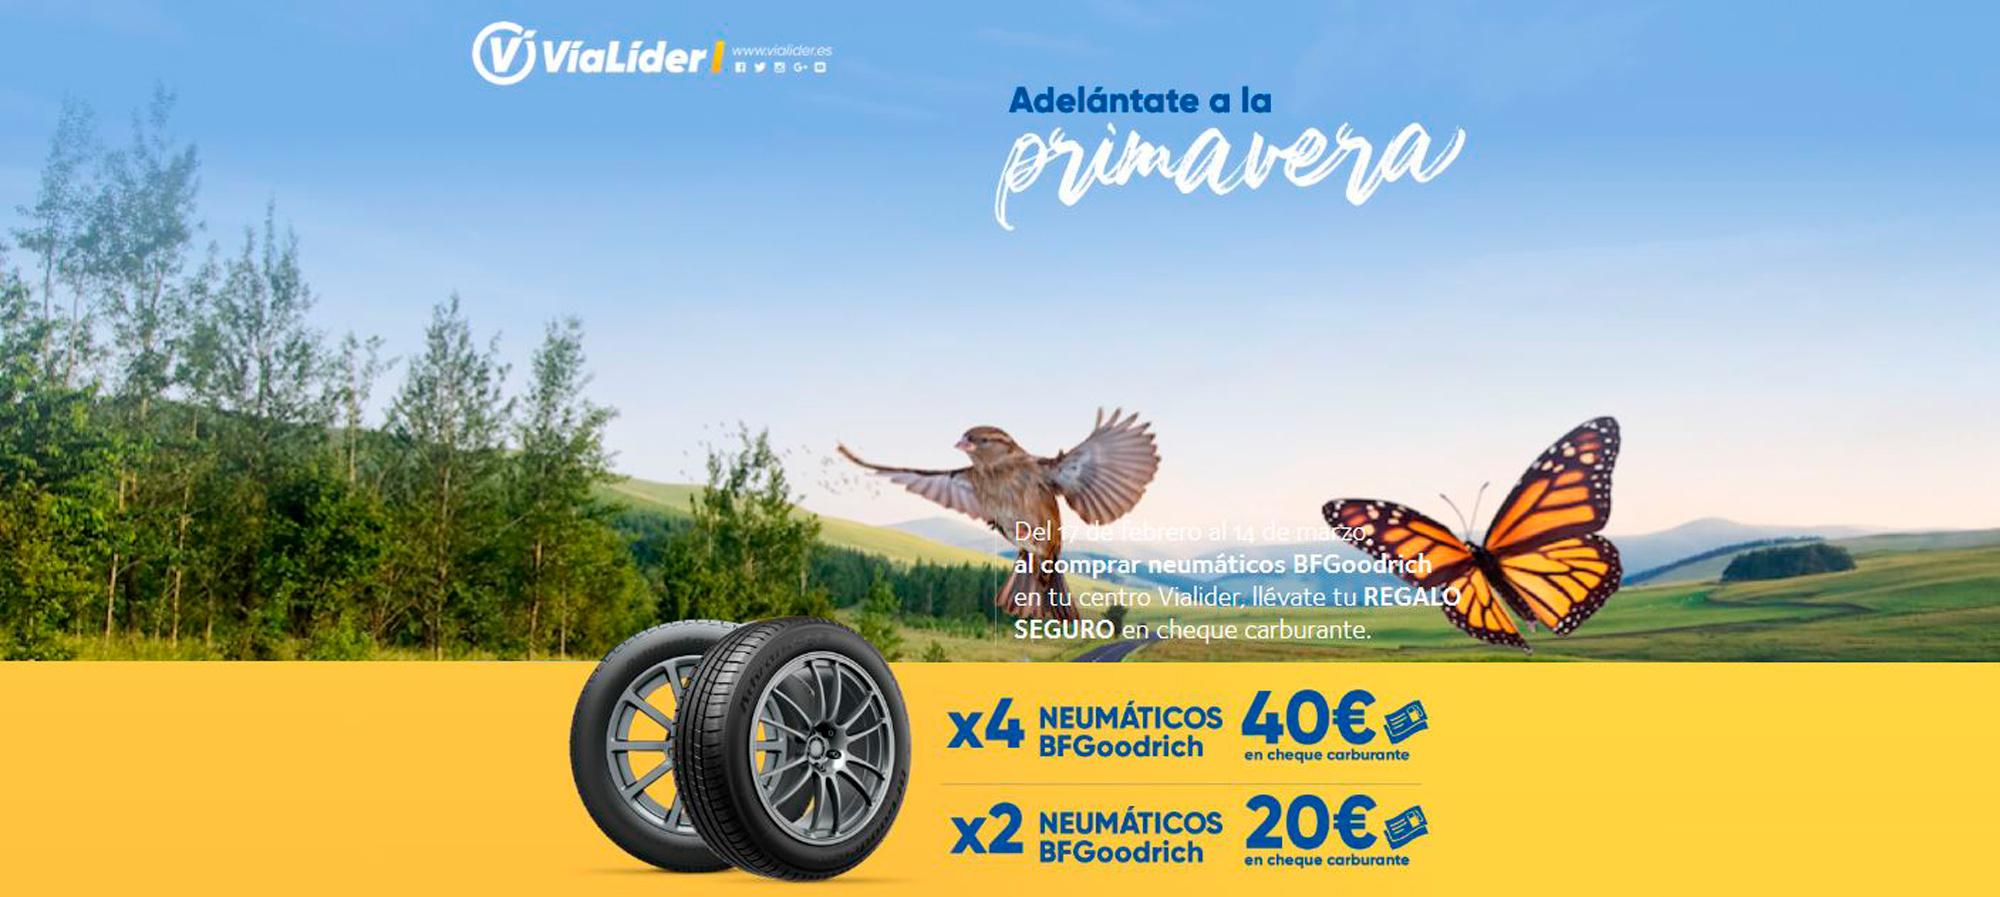 Promoción Vialider